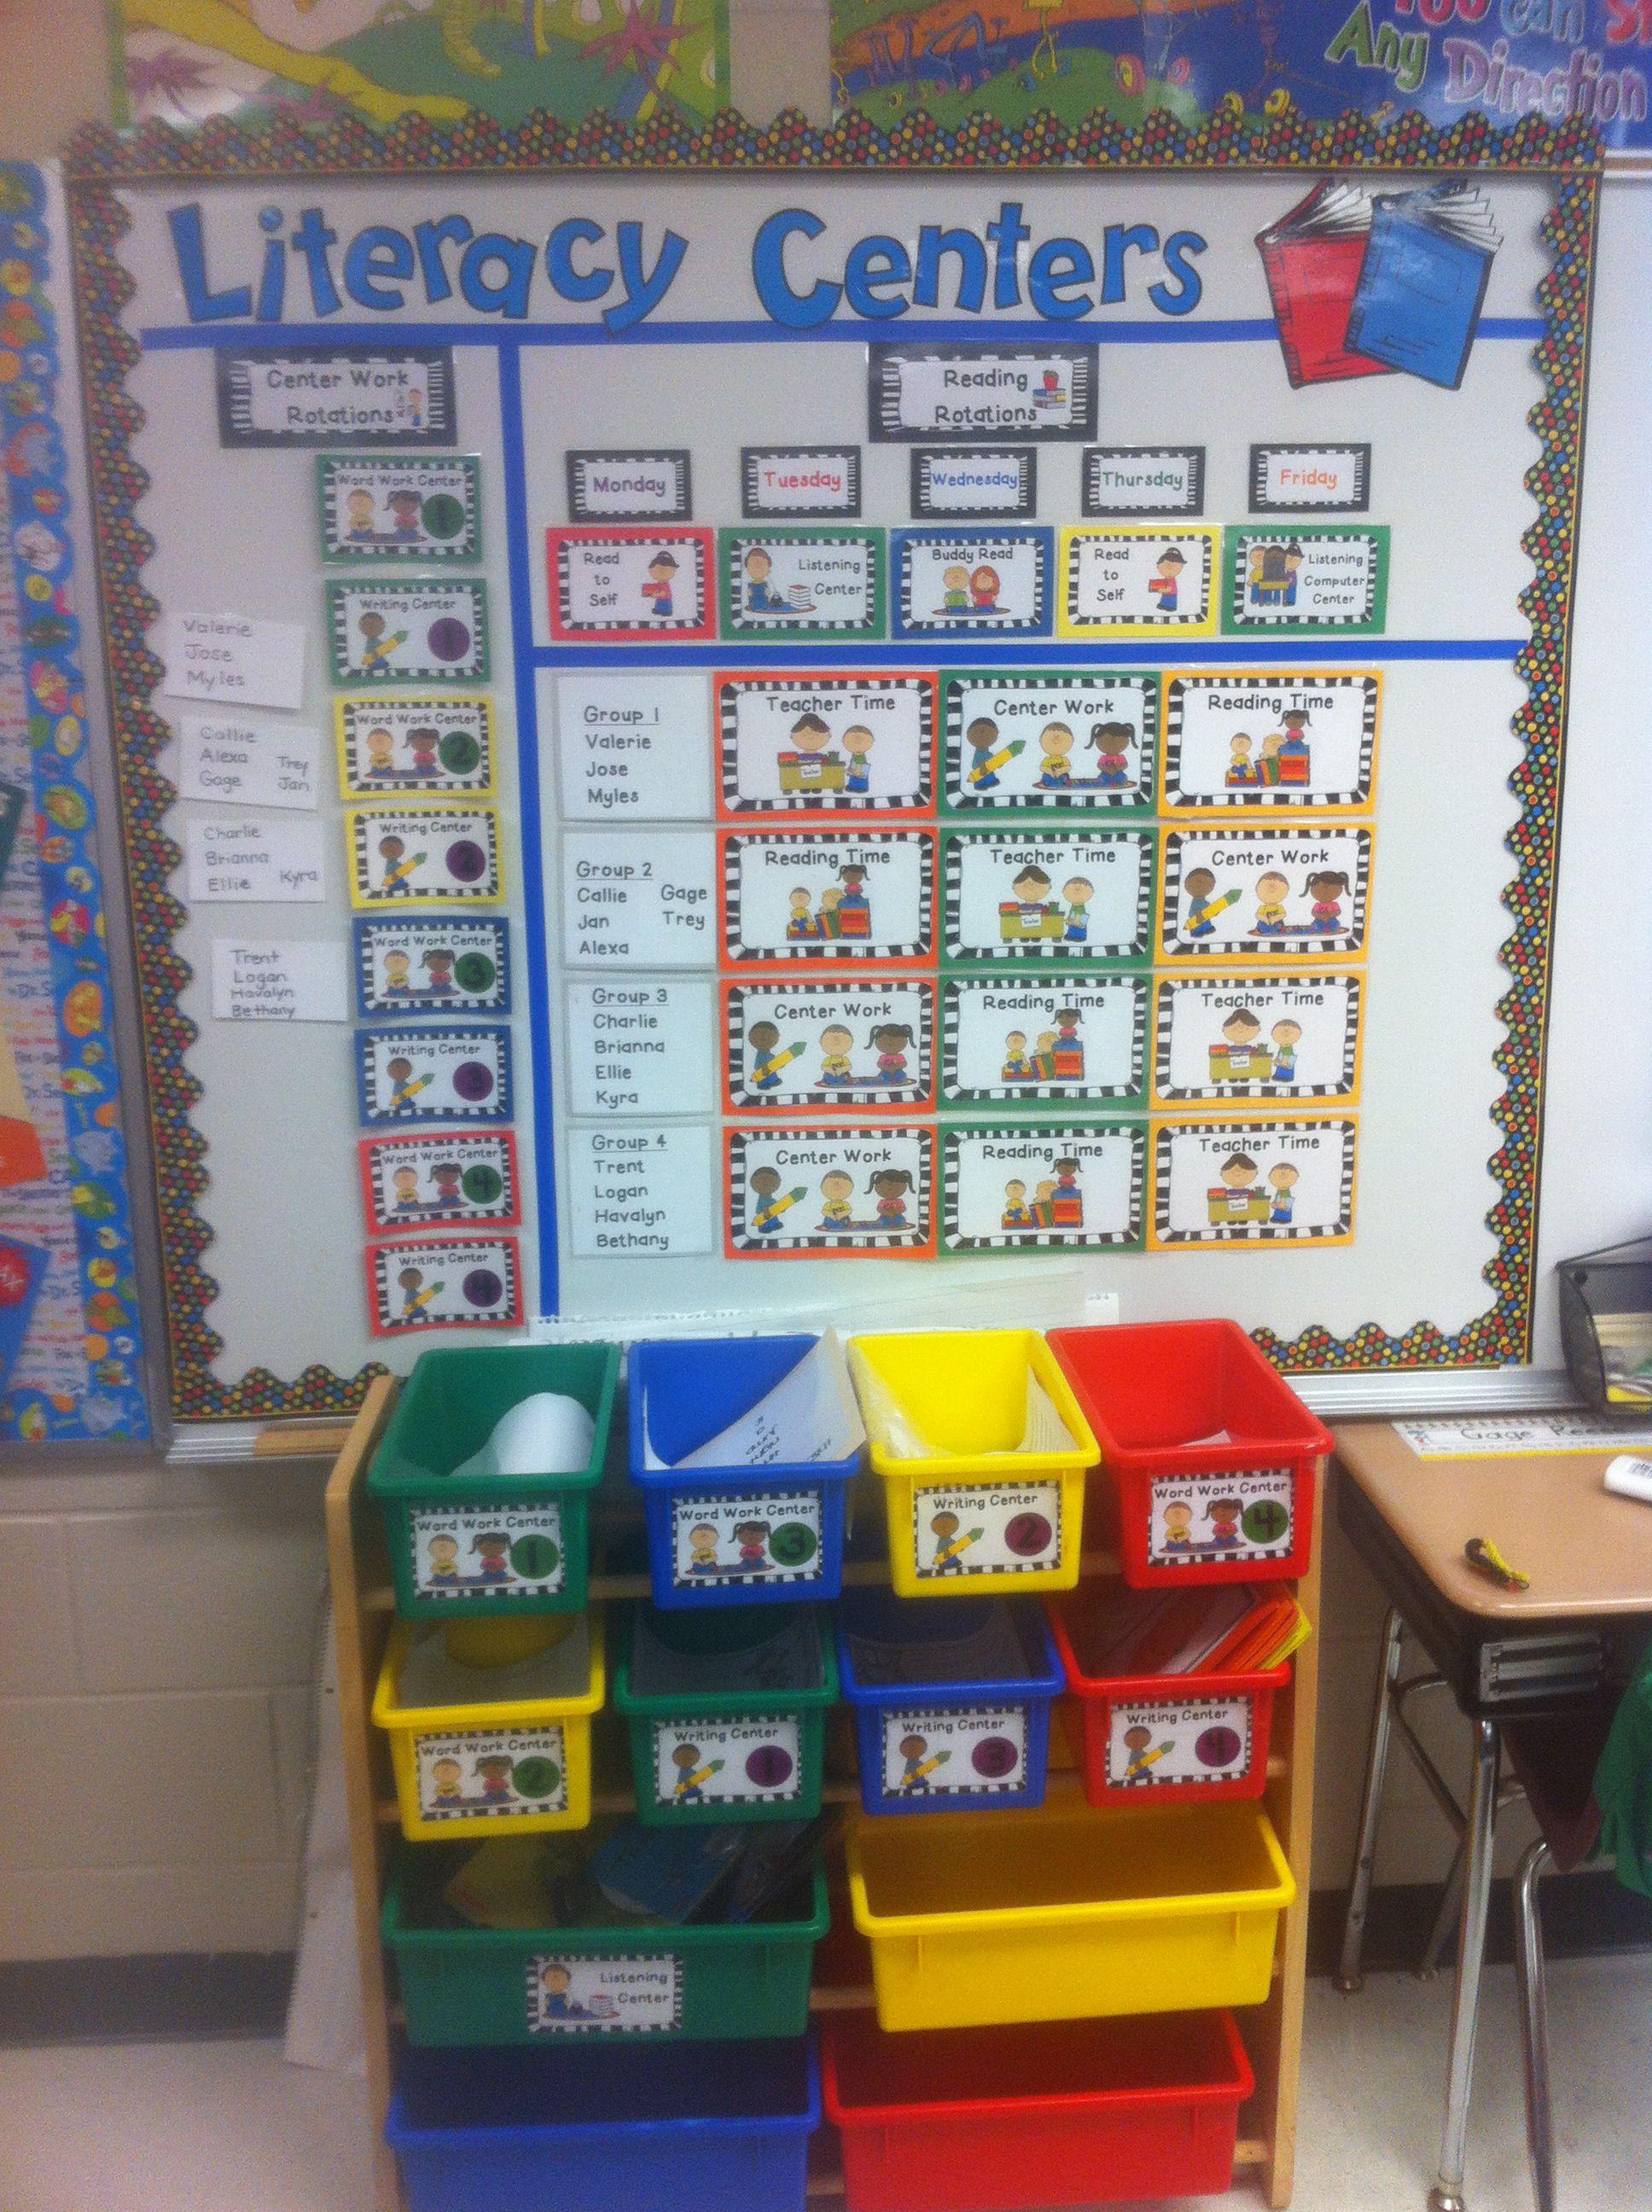 Kinder Garden: Literacy Centers - Tomlin